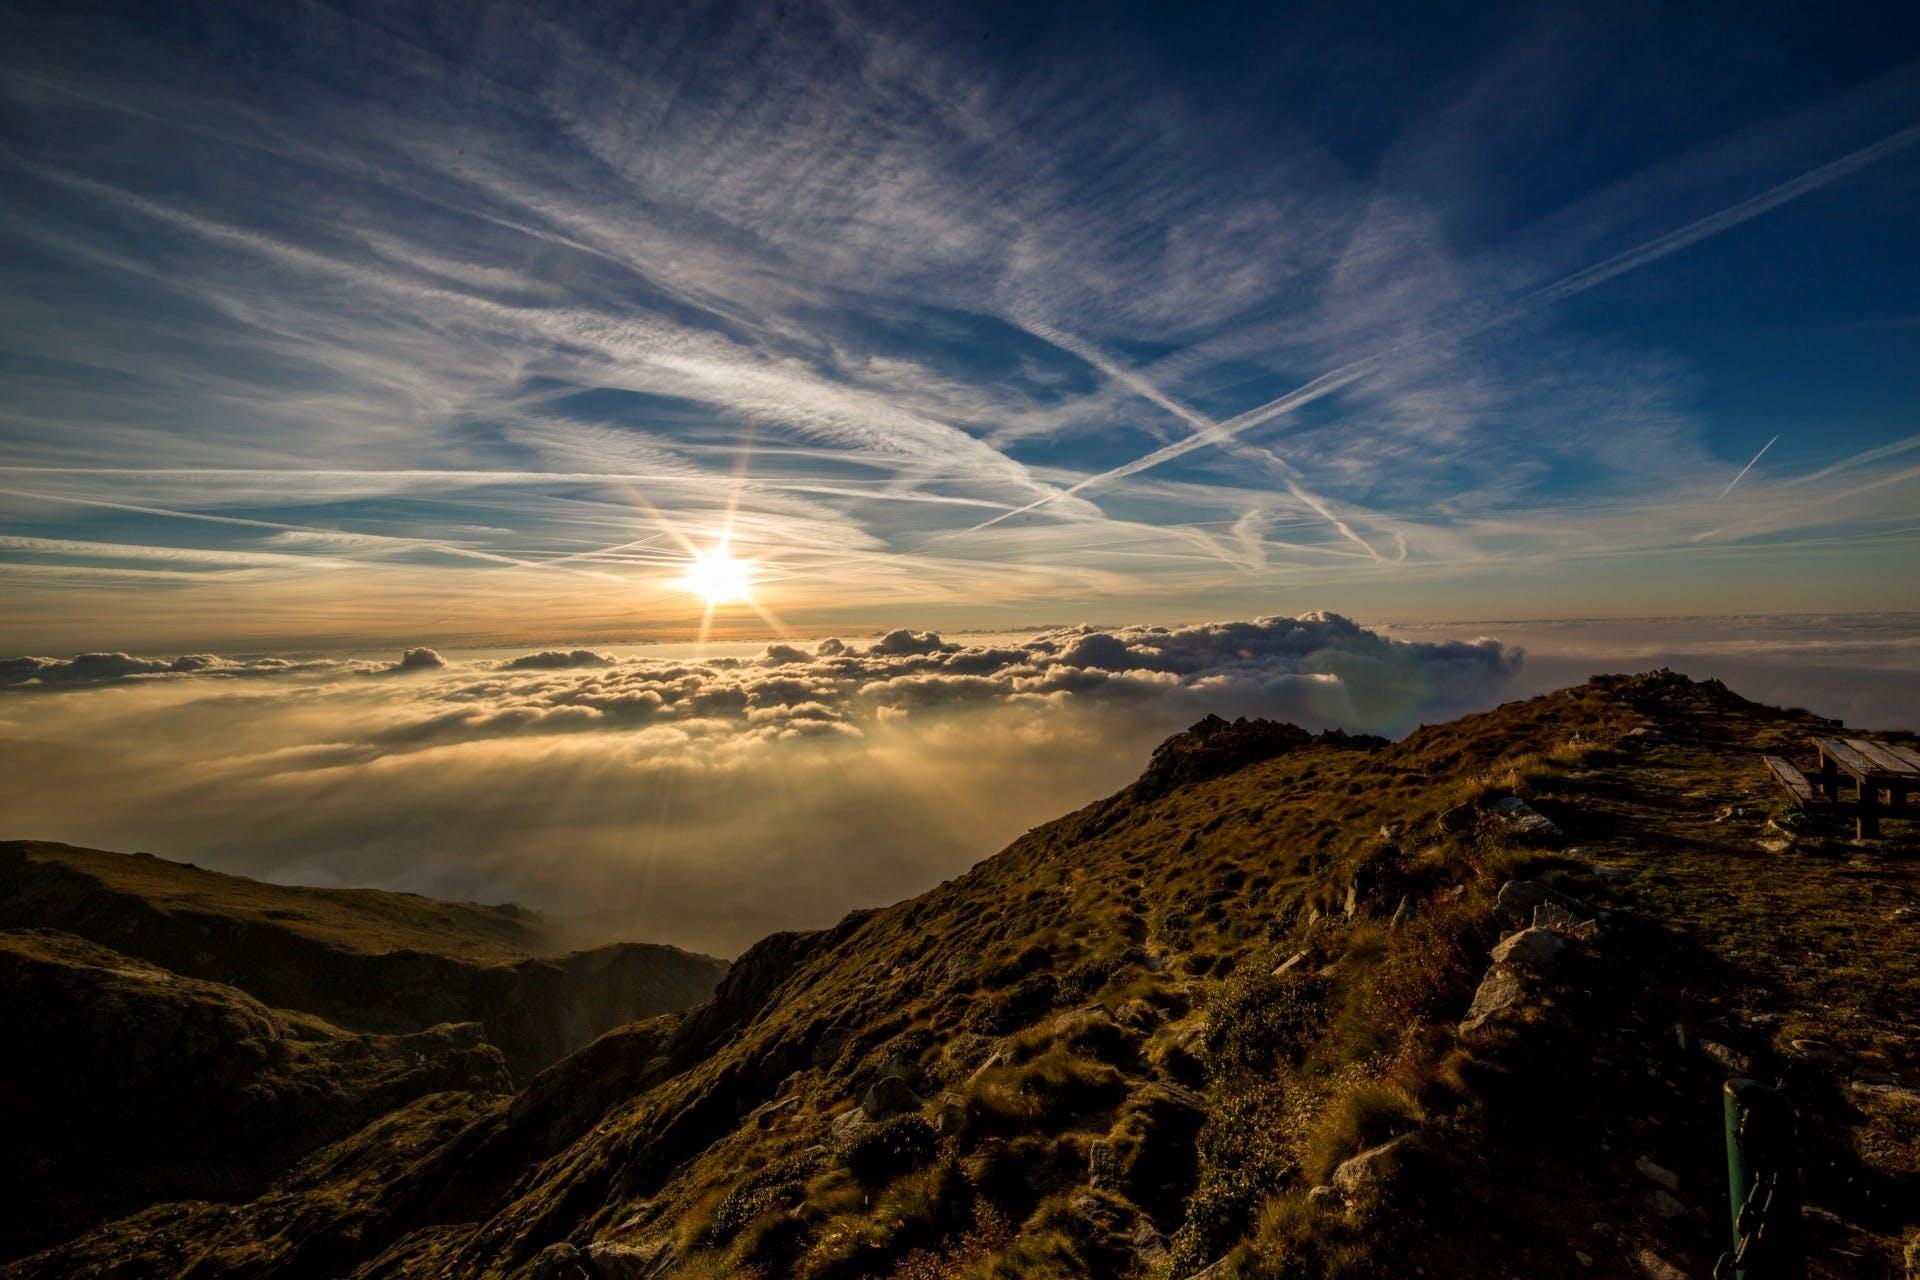 Kostenloses Stock Foto zu berg, dämmerung, hd wallpaper, himmel